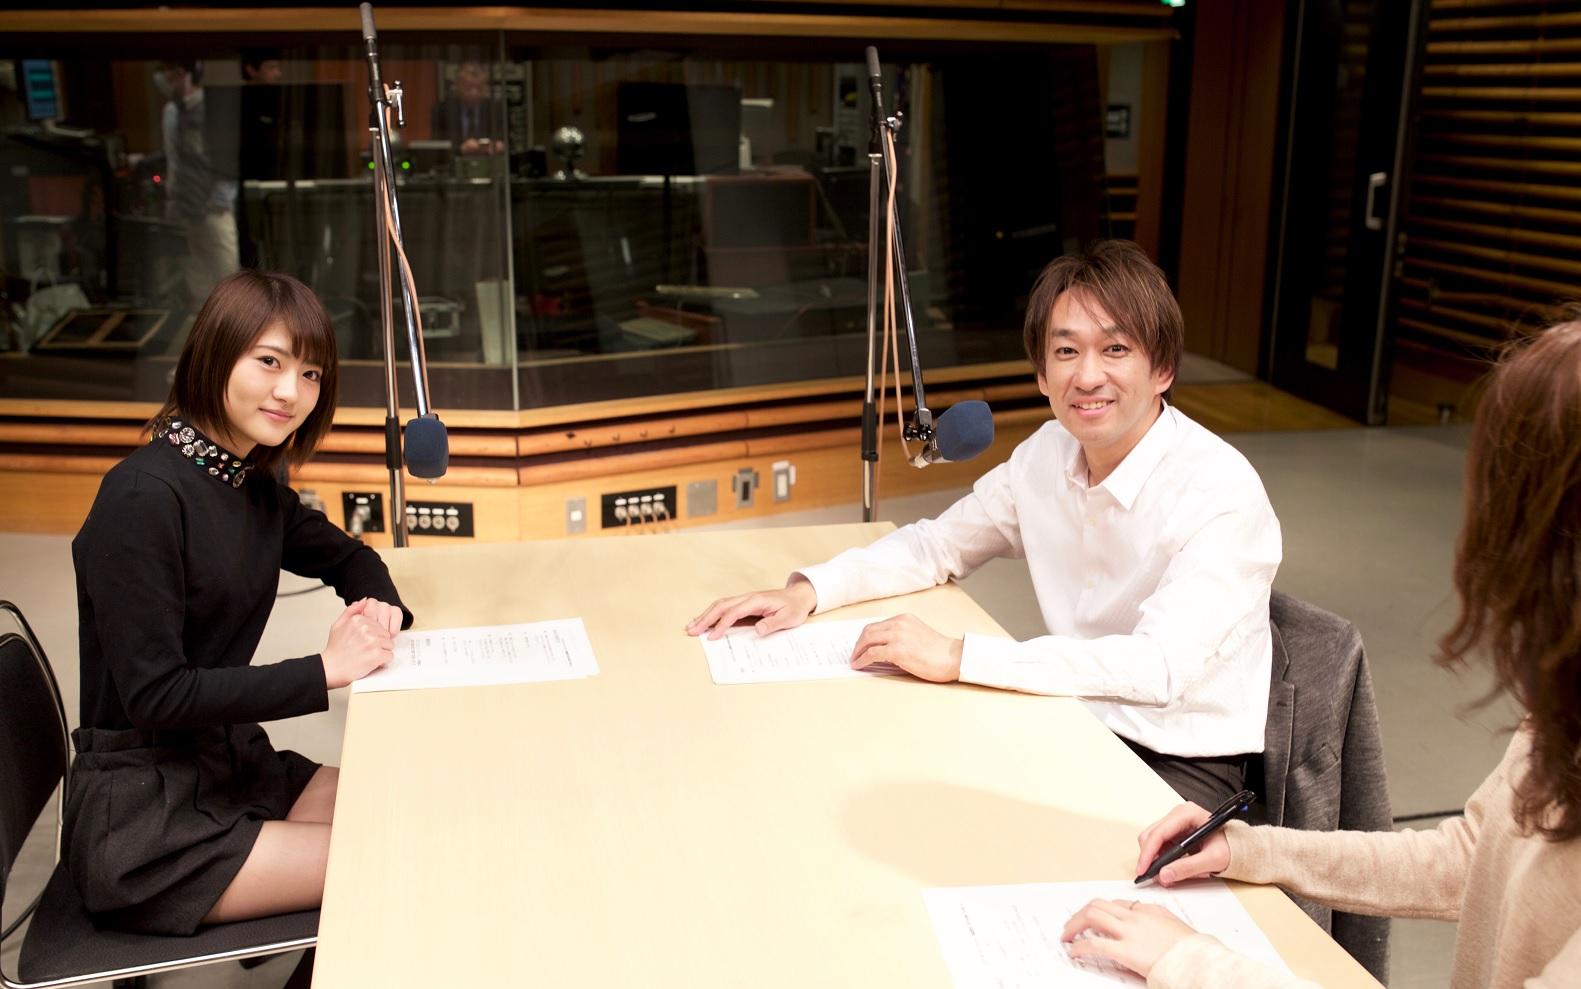 乃木坂46、16年3月21日(月)のメディア情報「ZIP!」「おに魂」「SOL」「レコメン!」ほか